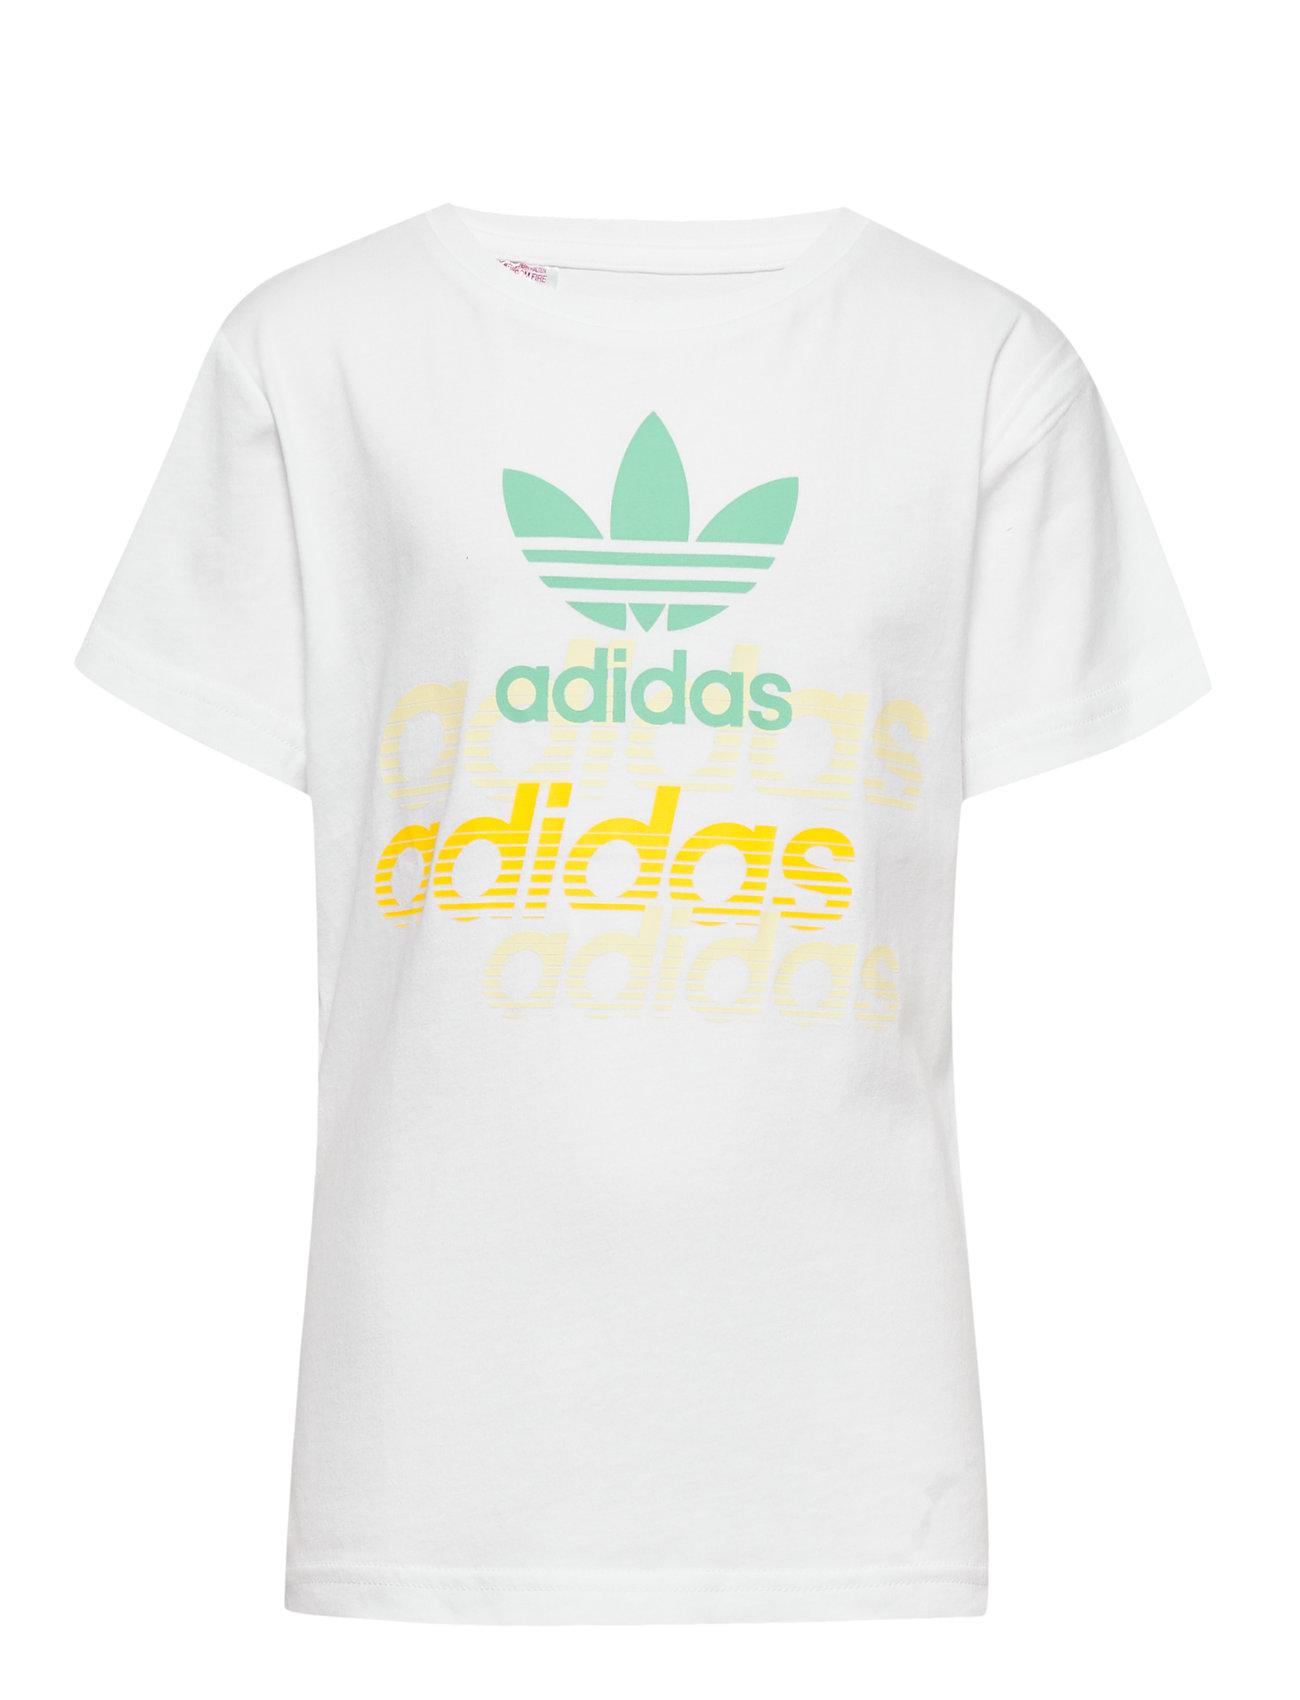 adidas Originals GRAPHIC TEE - WHITE